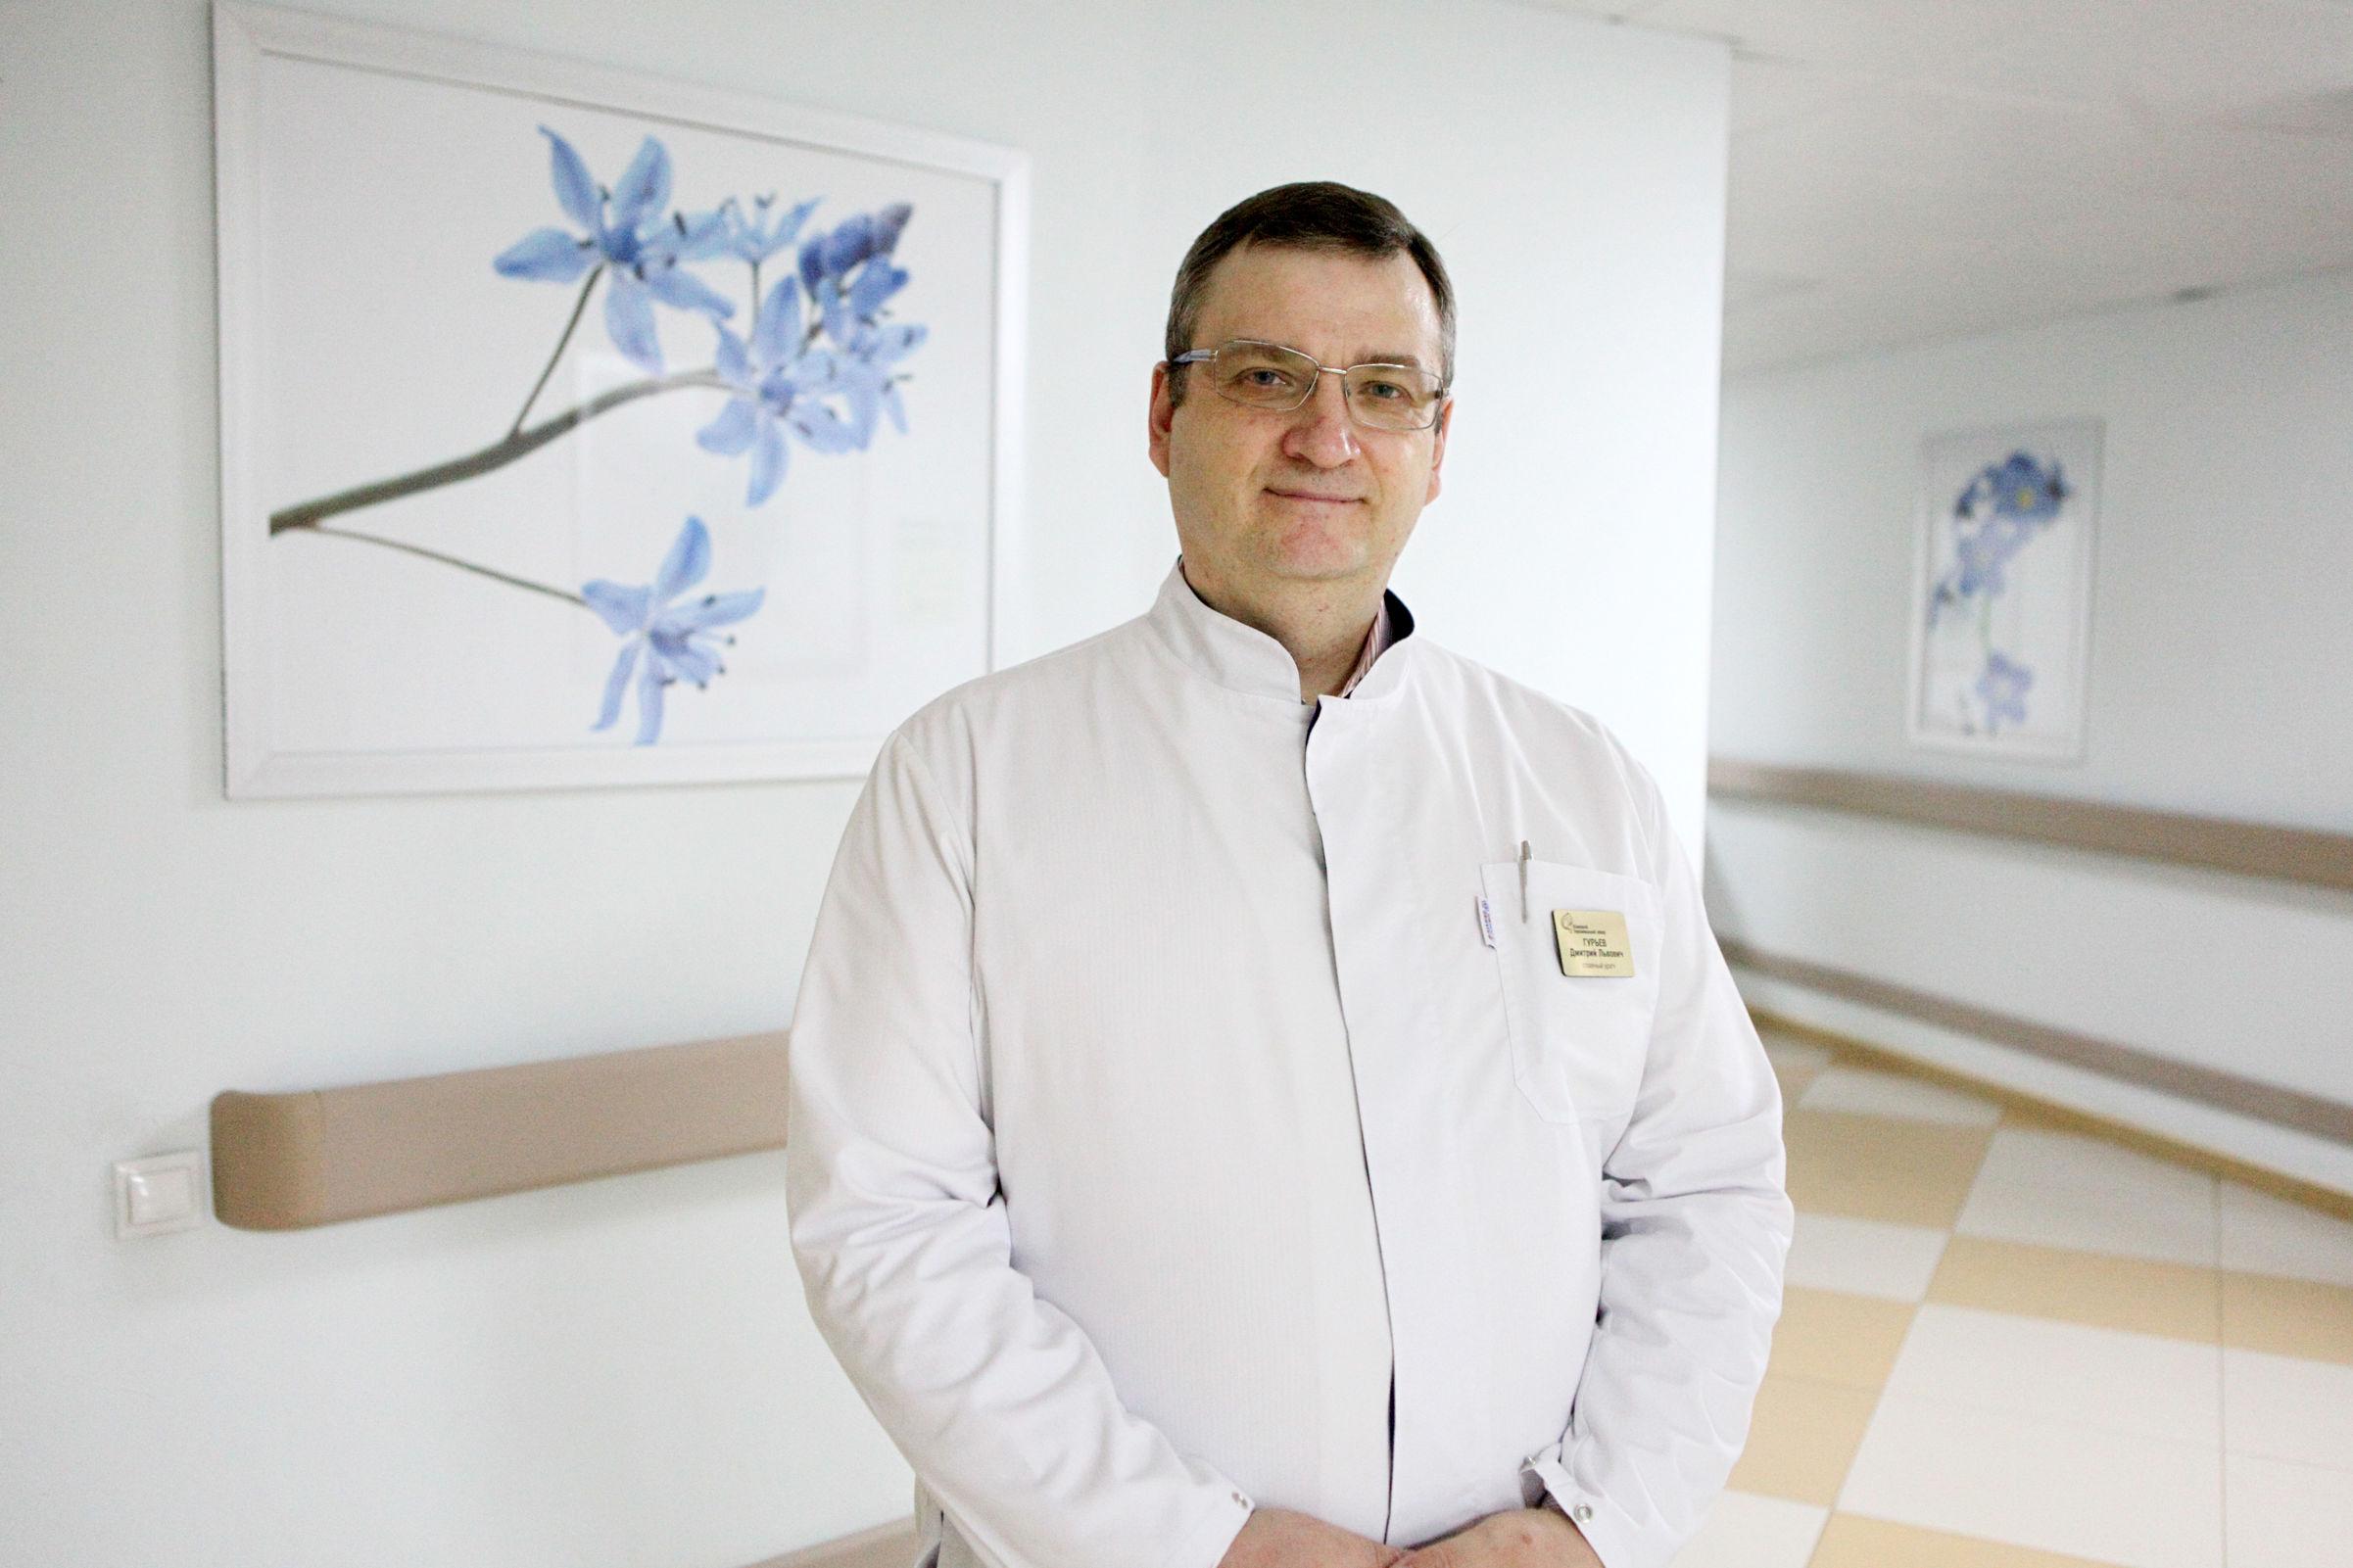 Главный акушер-гинеколог Ярославской области рассказал, как вакцинация сможет победить онкологию